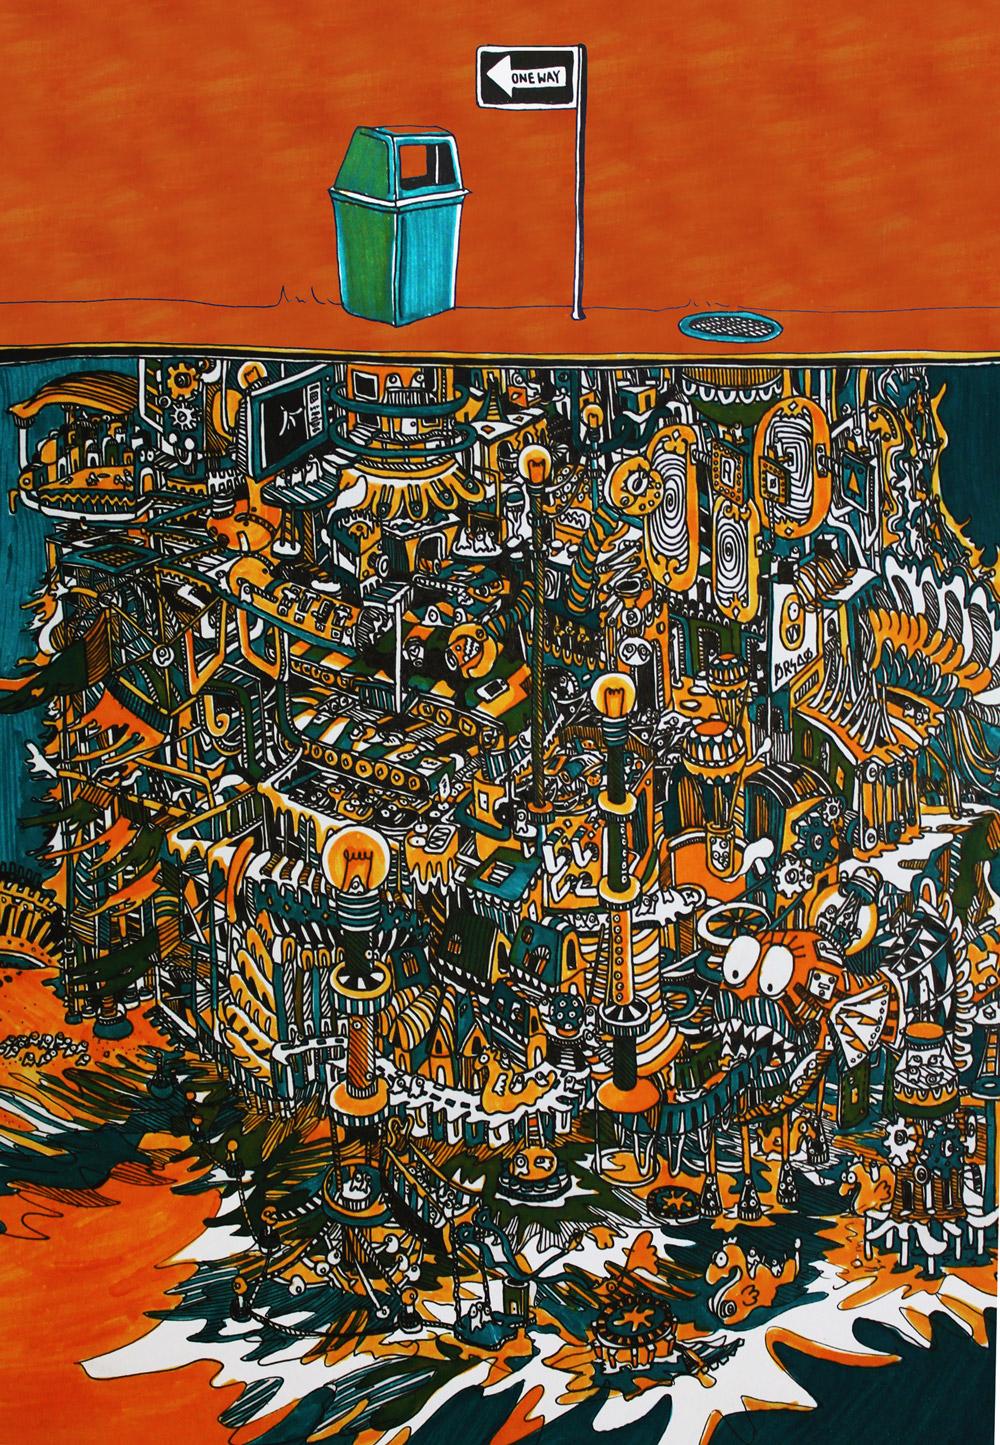 IMAGE CREDIT:Trash Land by Jia Lee (2013) [ www.artjelly.com/portfolio/trash-land/ ]